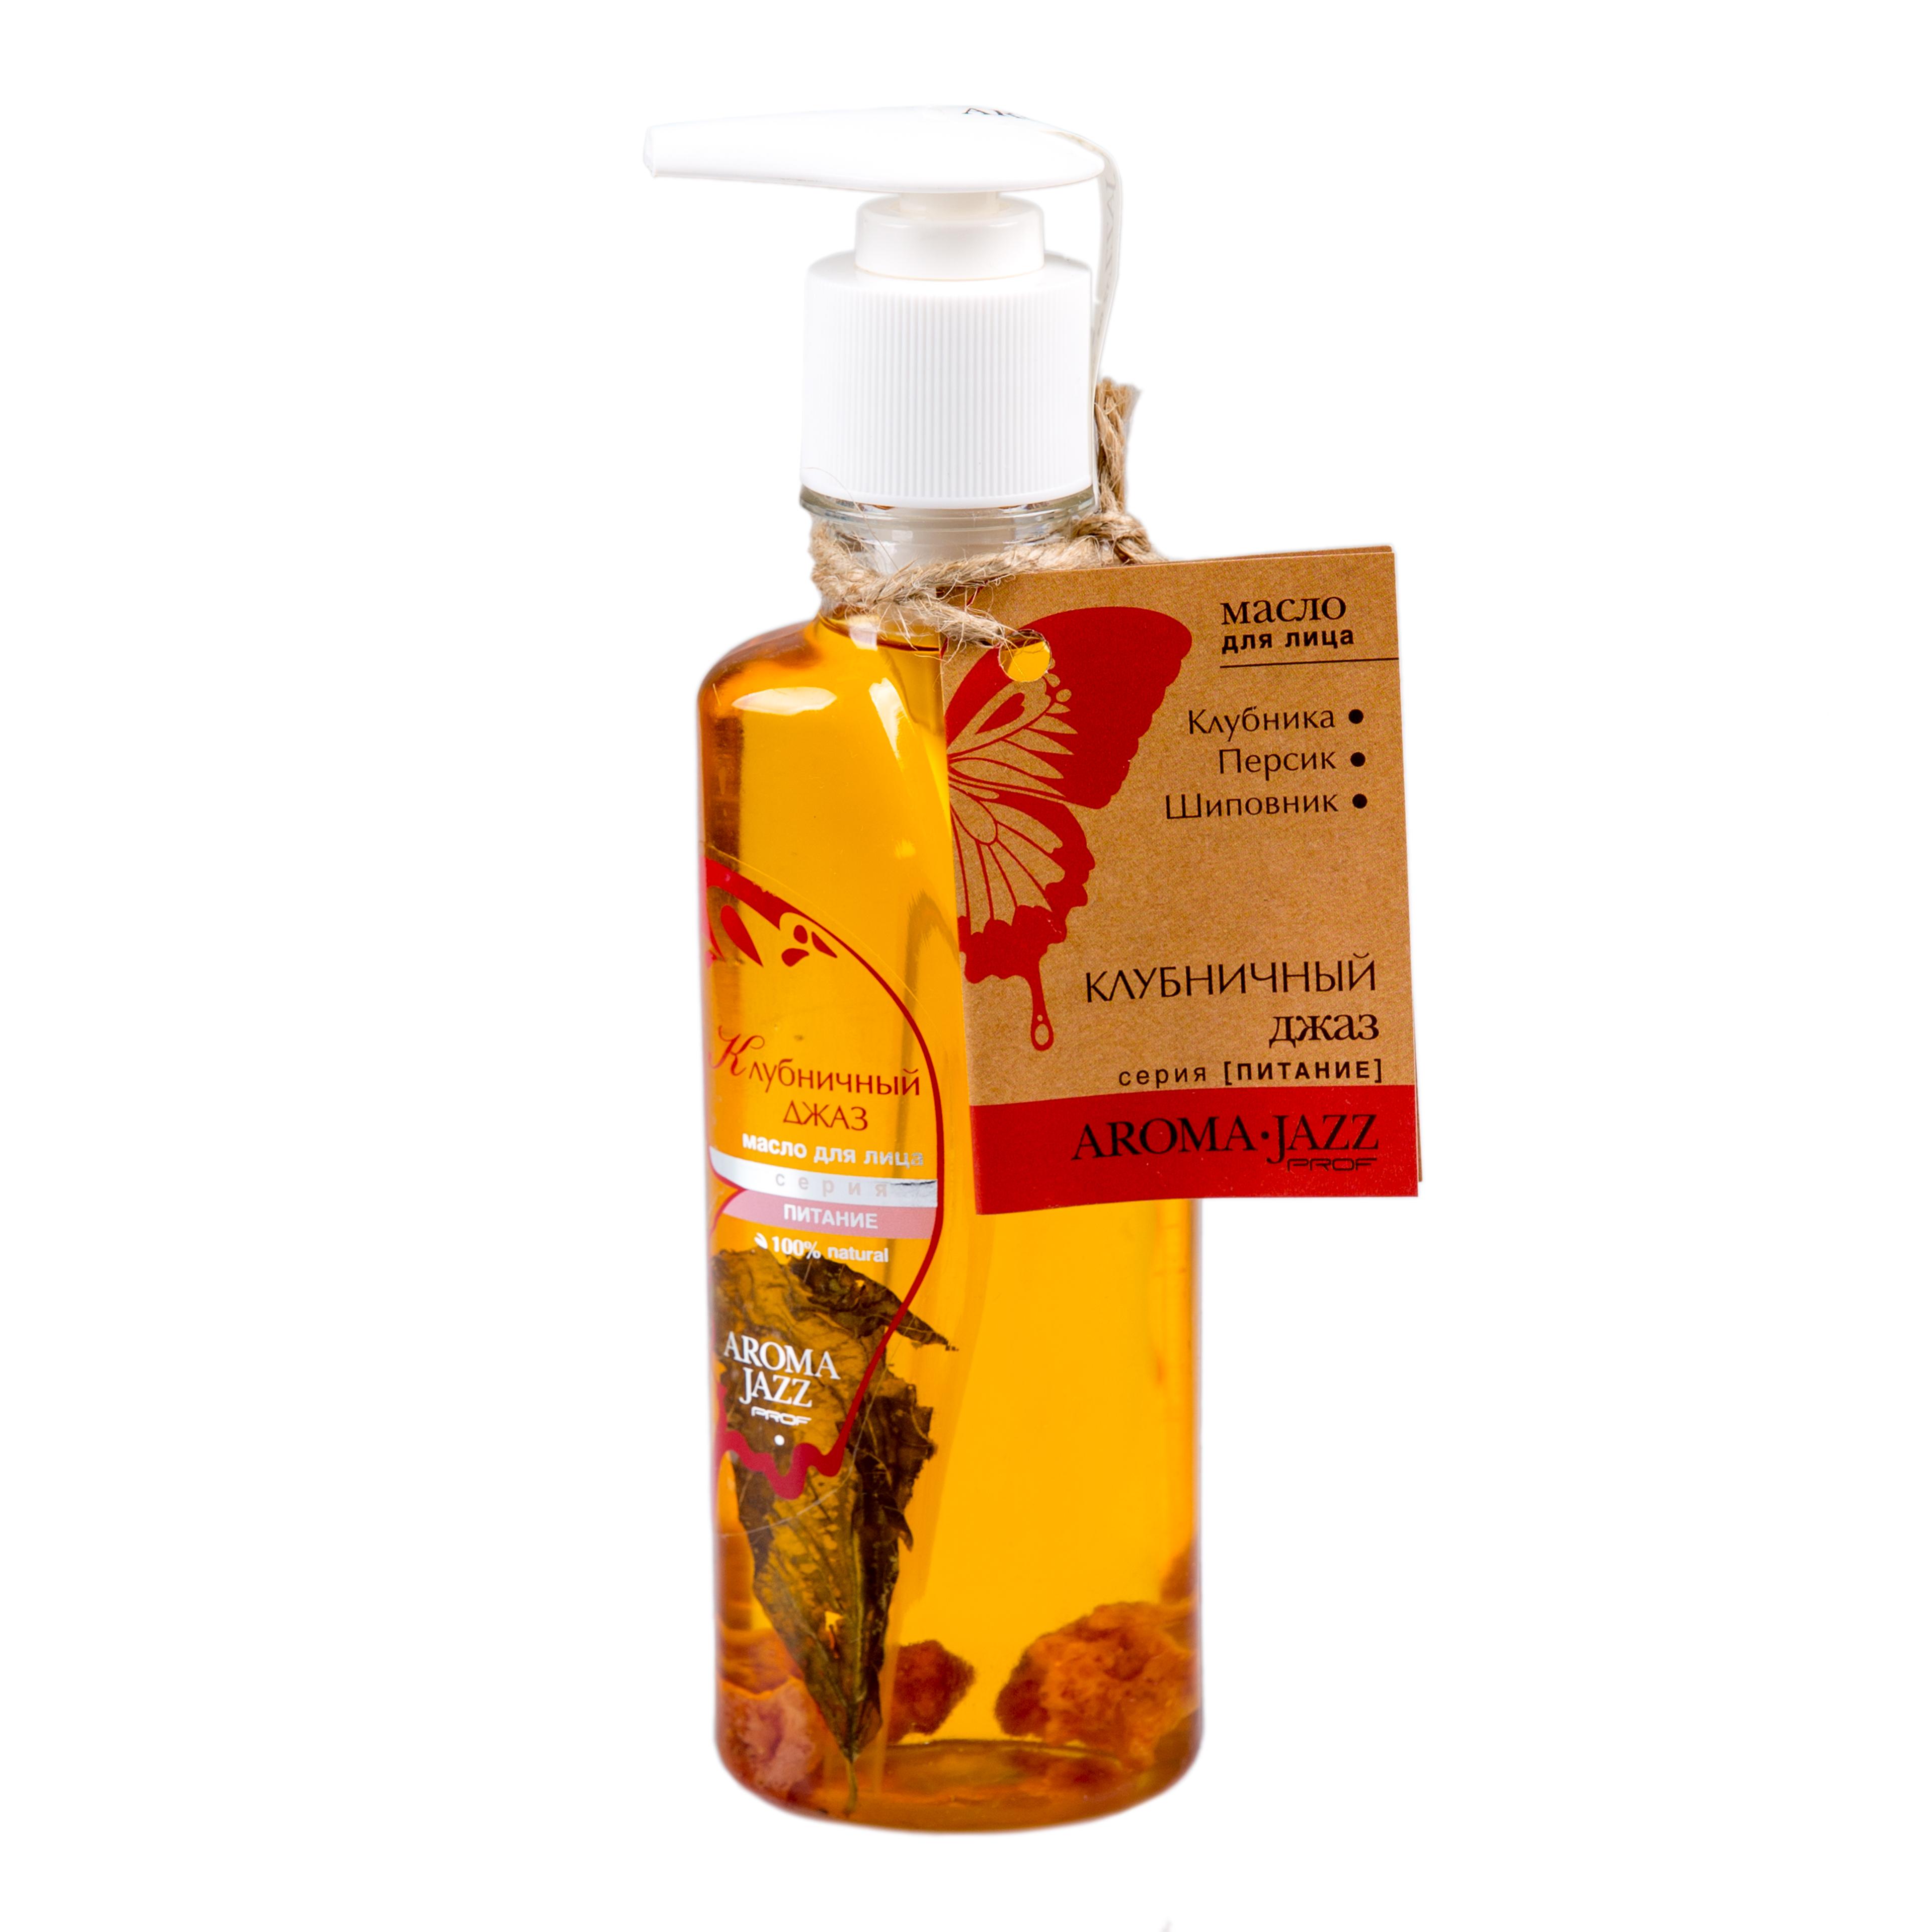 AROMA JAZZ Масло массажное жидкое для лица Клубничный джаз 200 мл aroma jazz масло массажное жидкое для тела можжевеловый джаз 350 мл